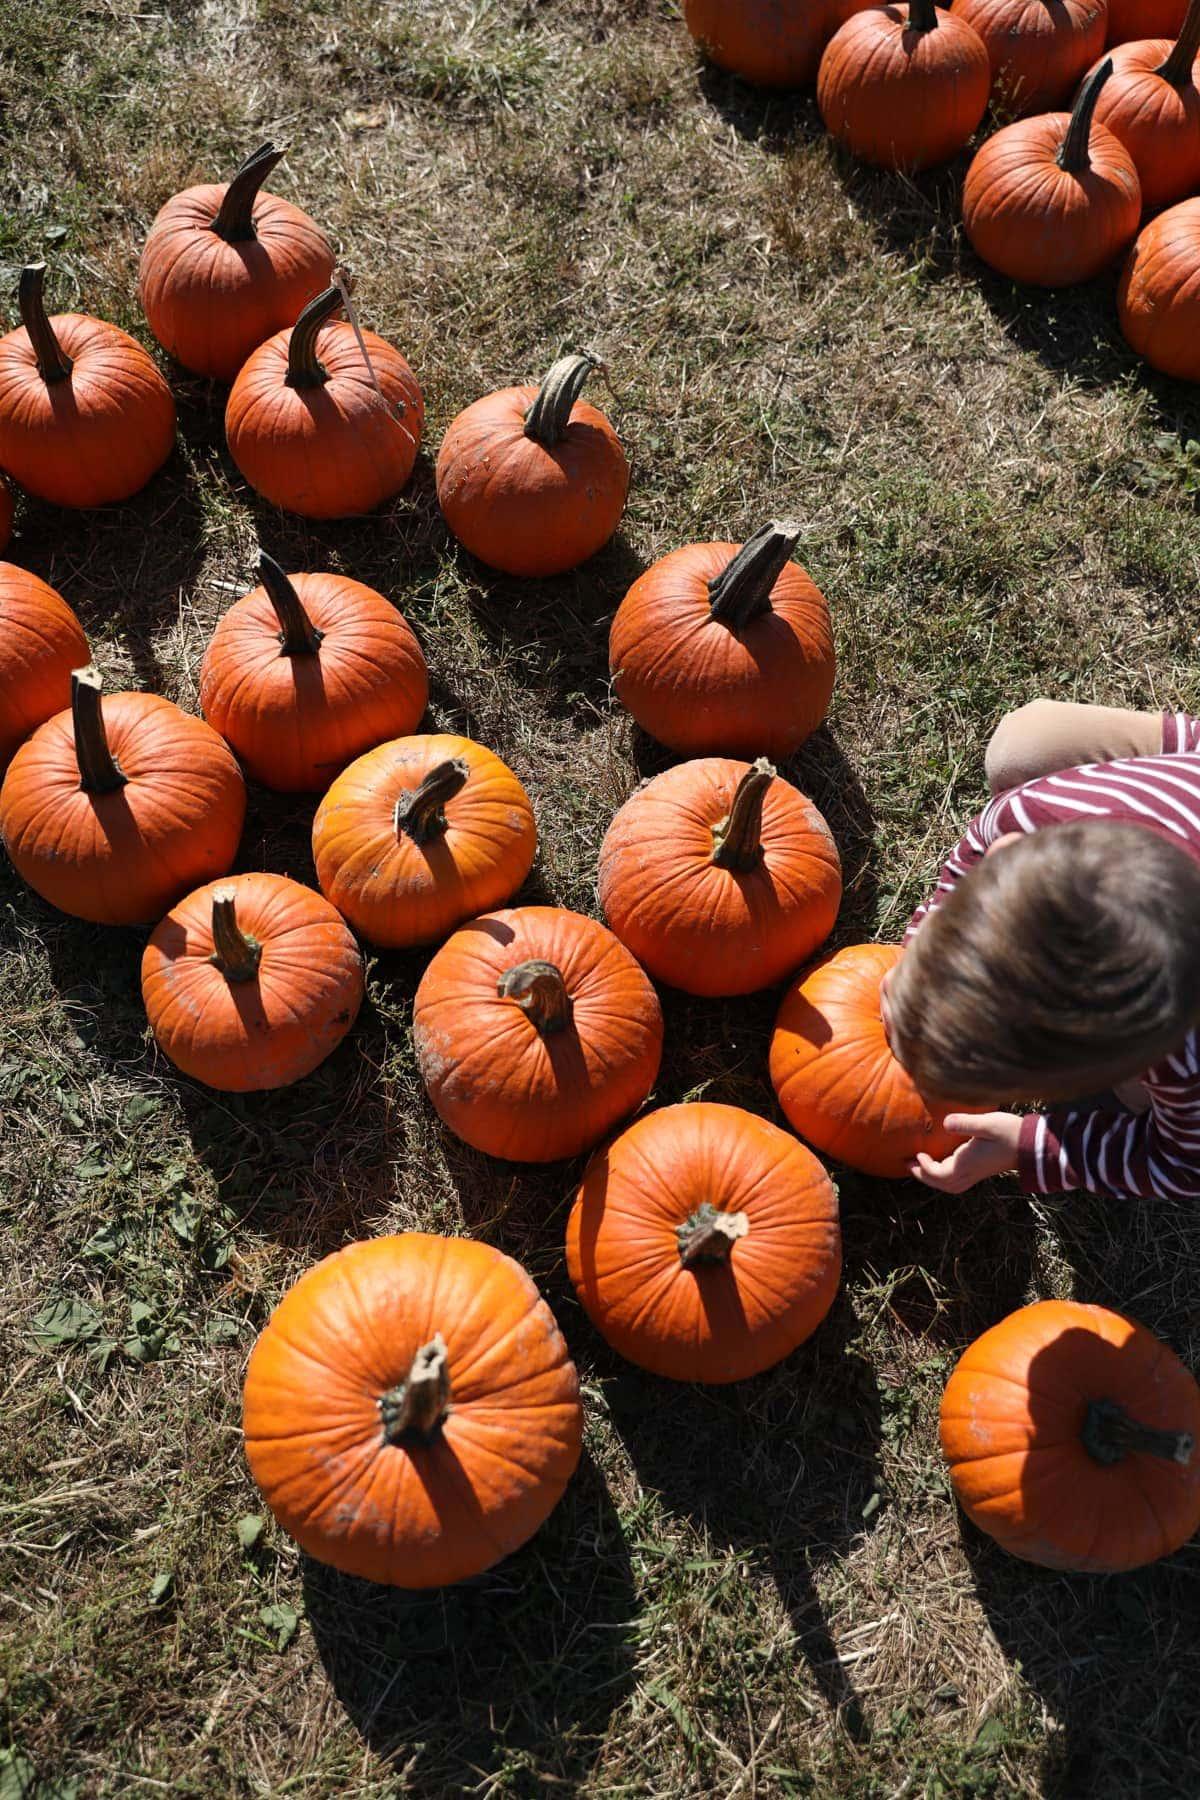 Brooke picking out a pumpkin